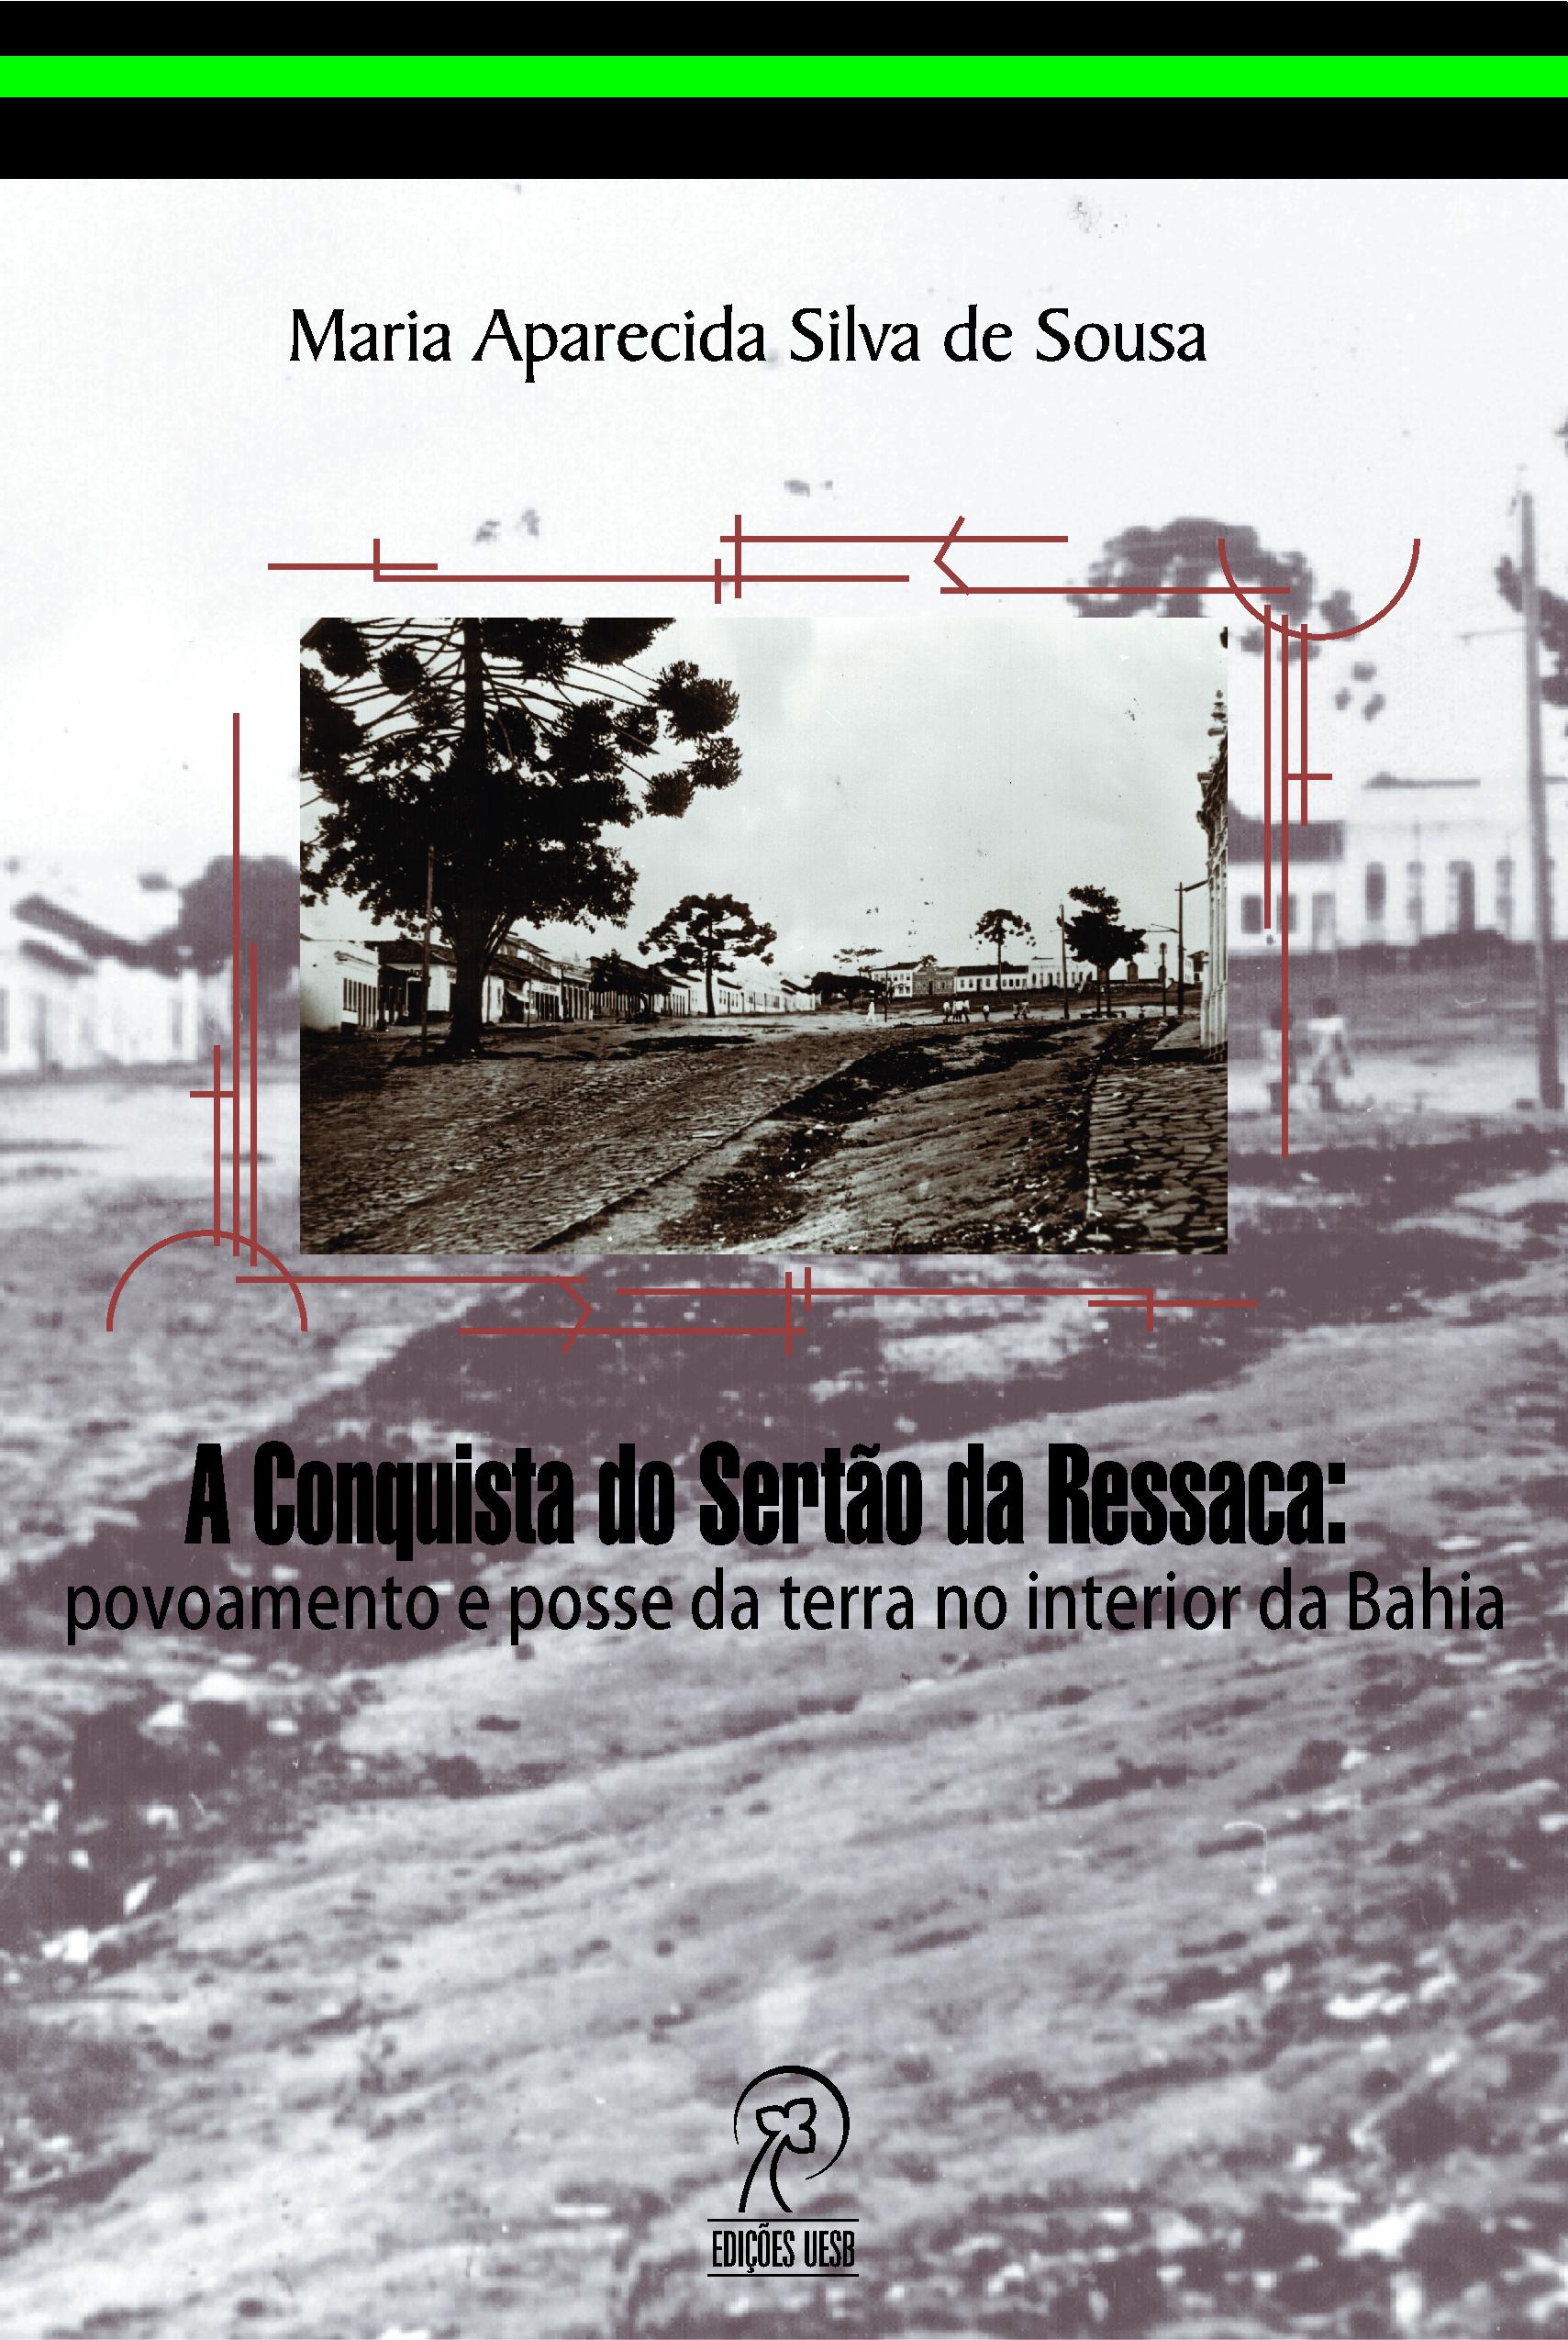 A Conquista do Sertão da Ressaca: povoamento e posse da terra no interior da Bahia